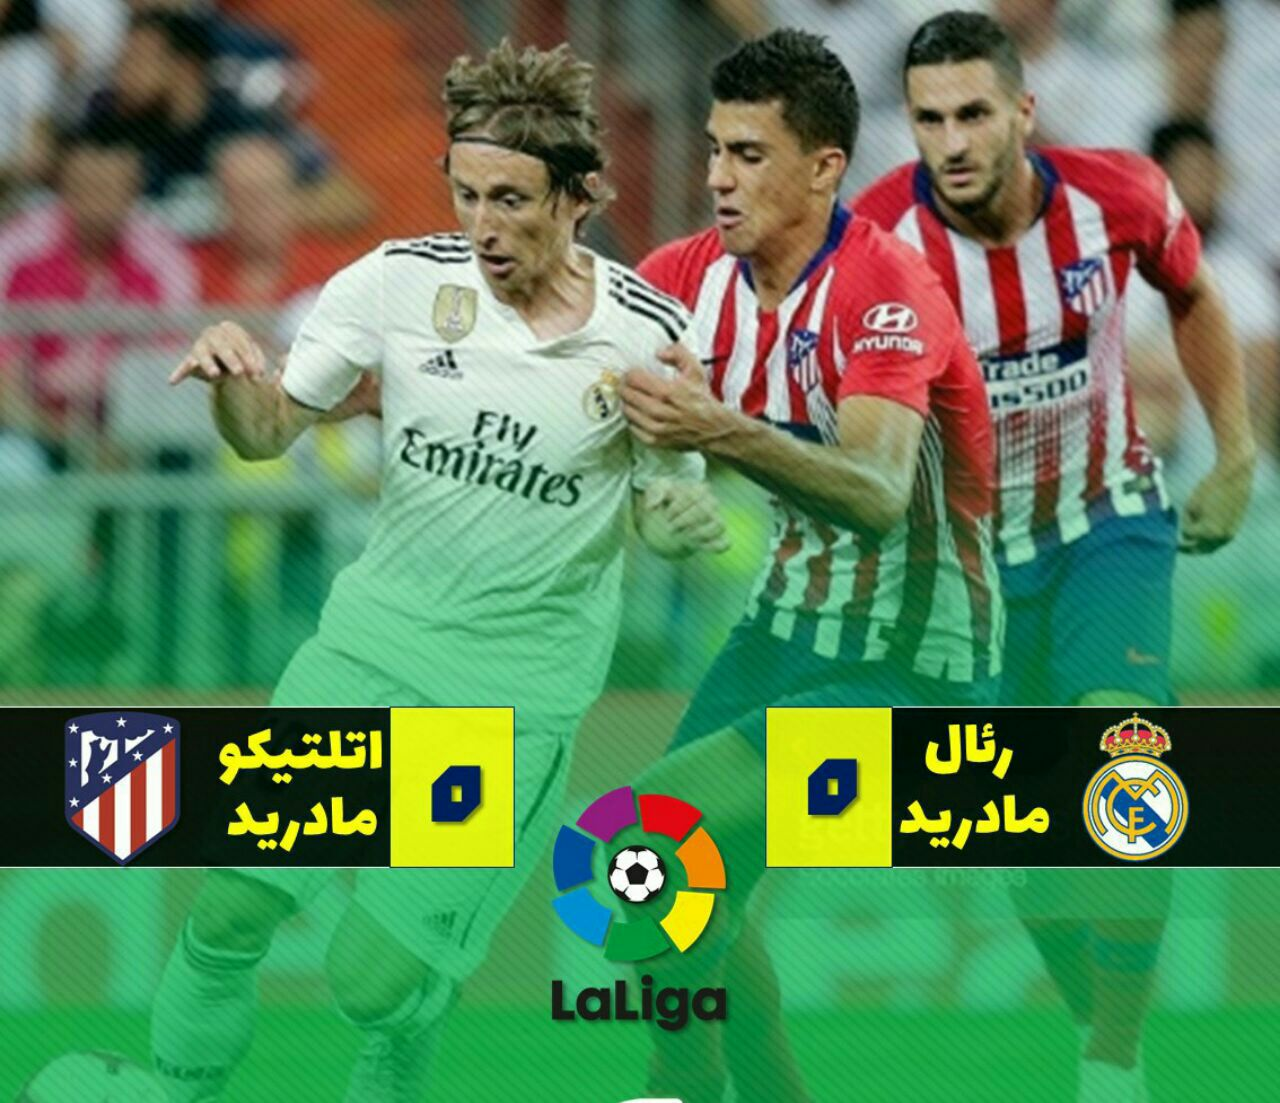 پایان بازی اتلتیکو مادرید - رئال مادرید